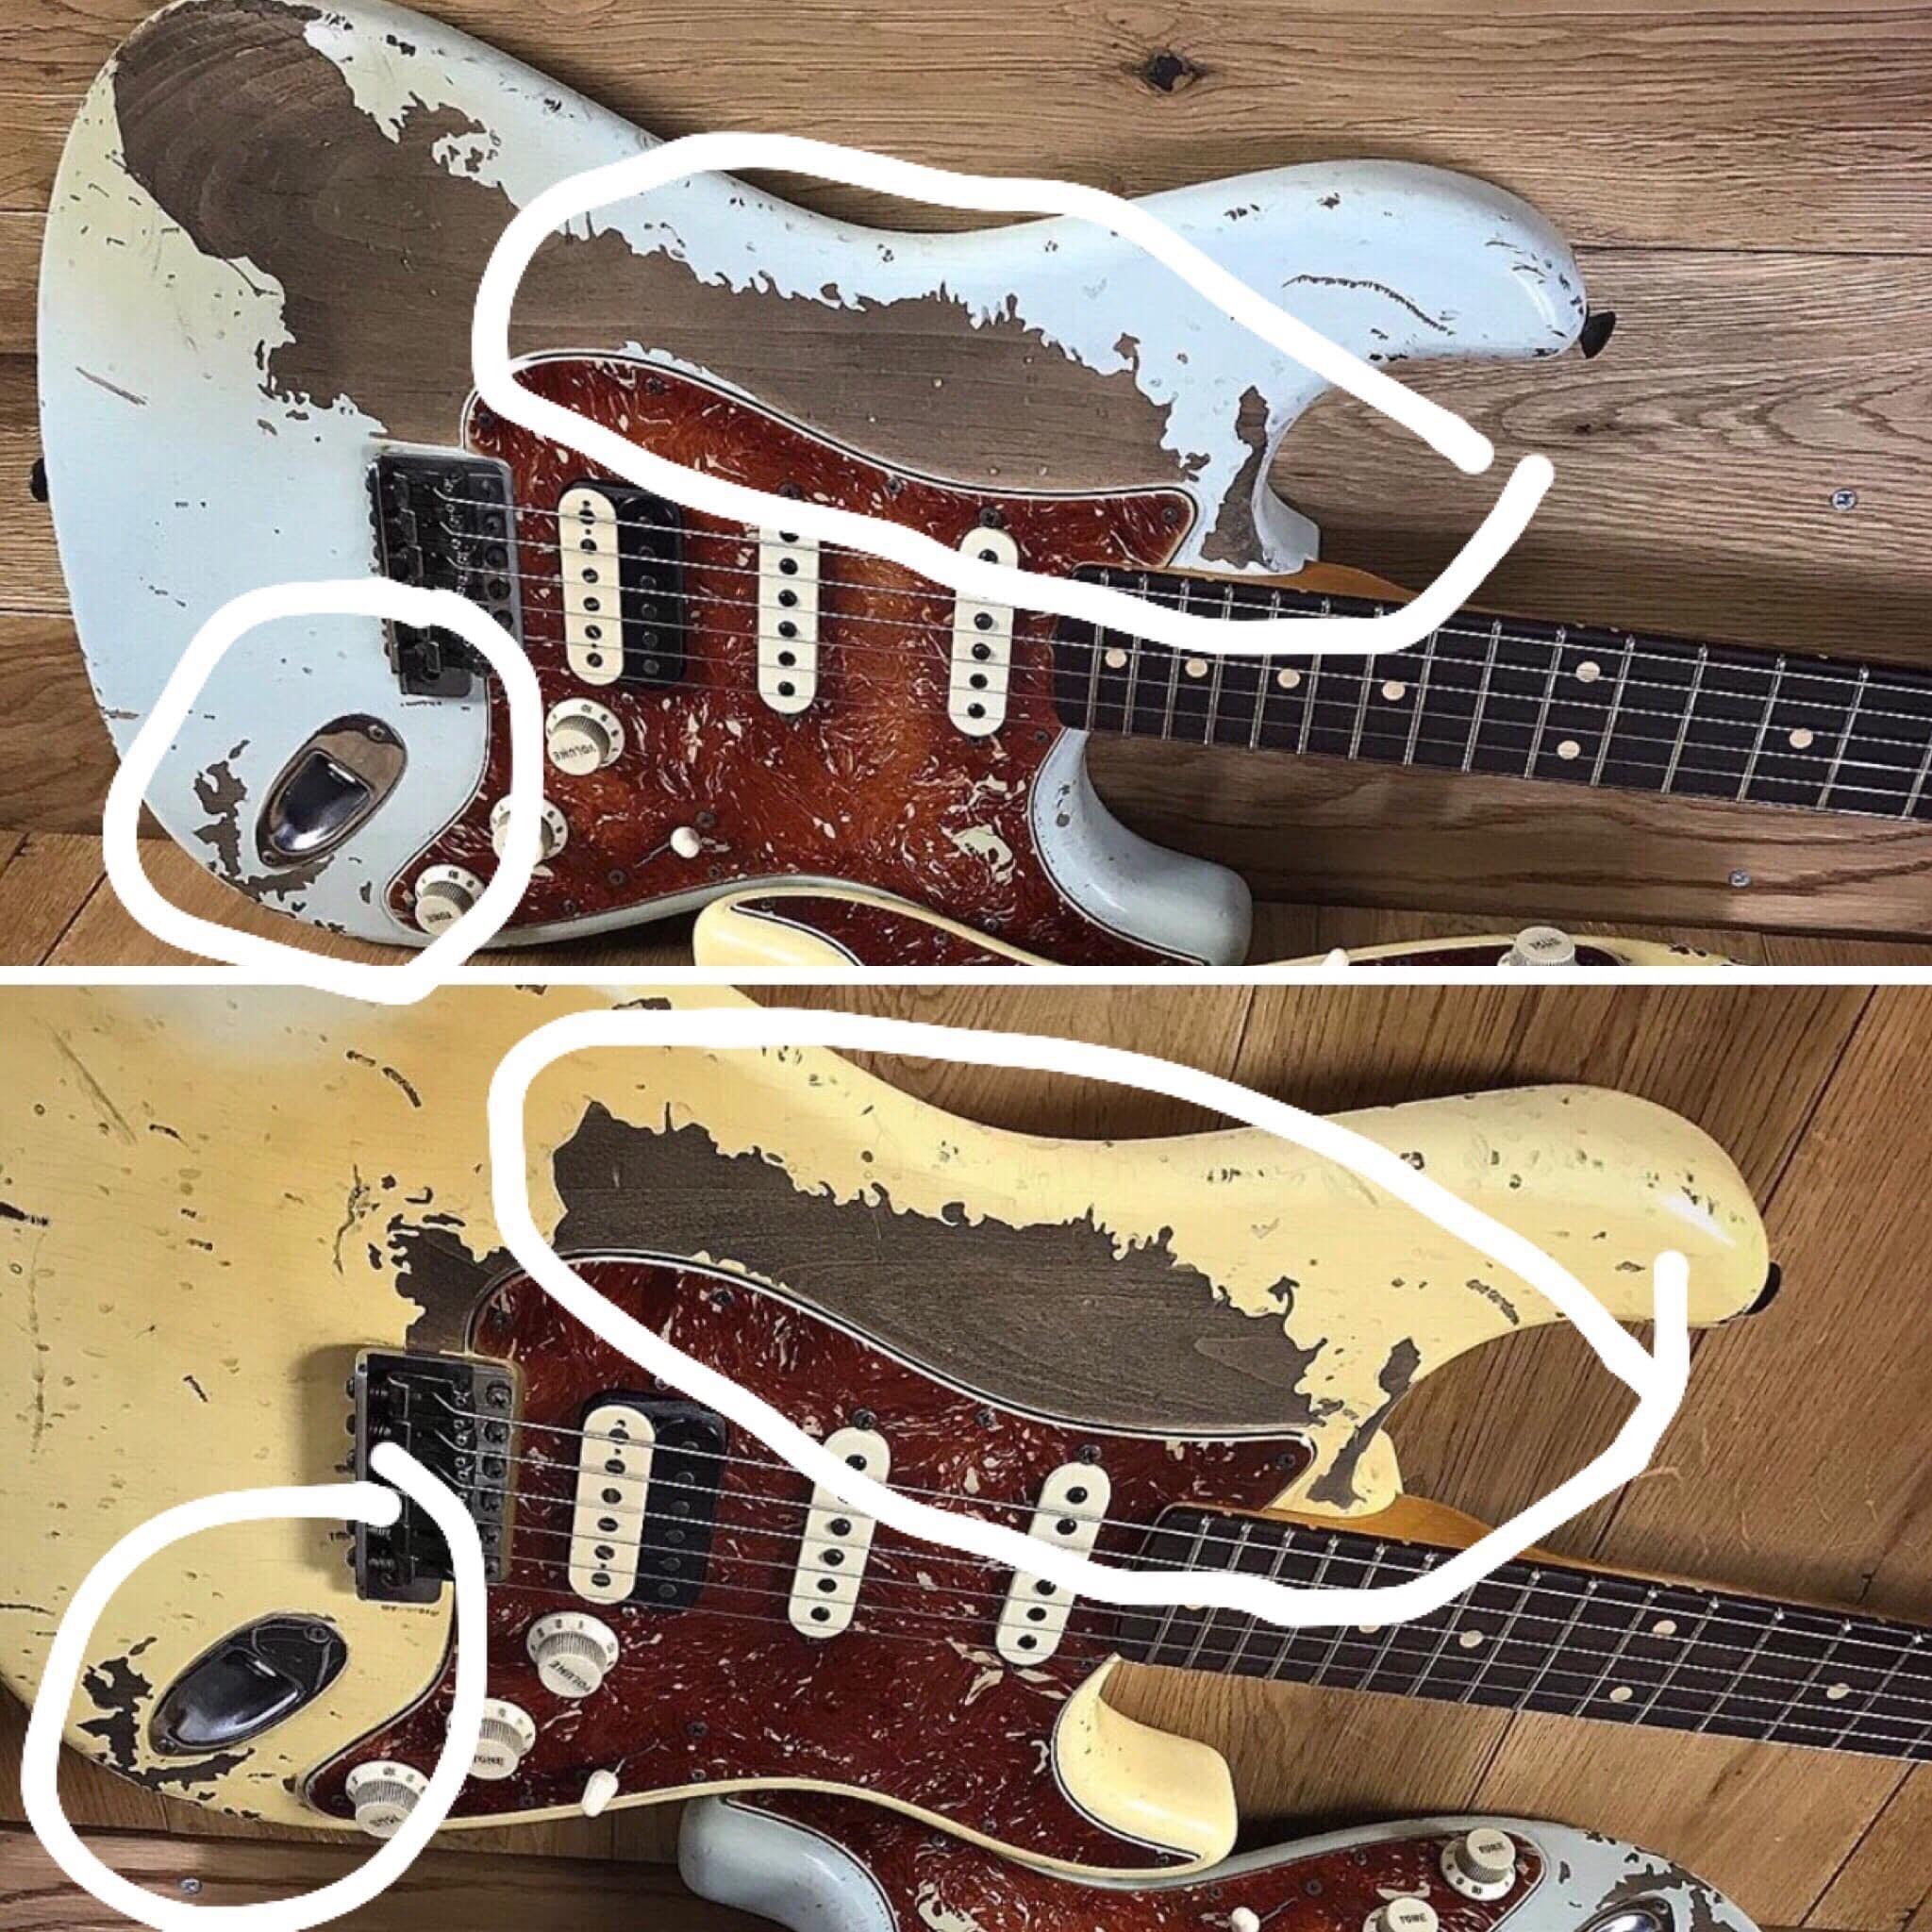 Comparación de Poopot sobre el relic en Fender Stratocaster